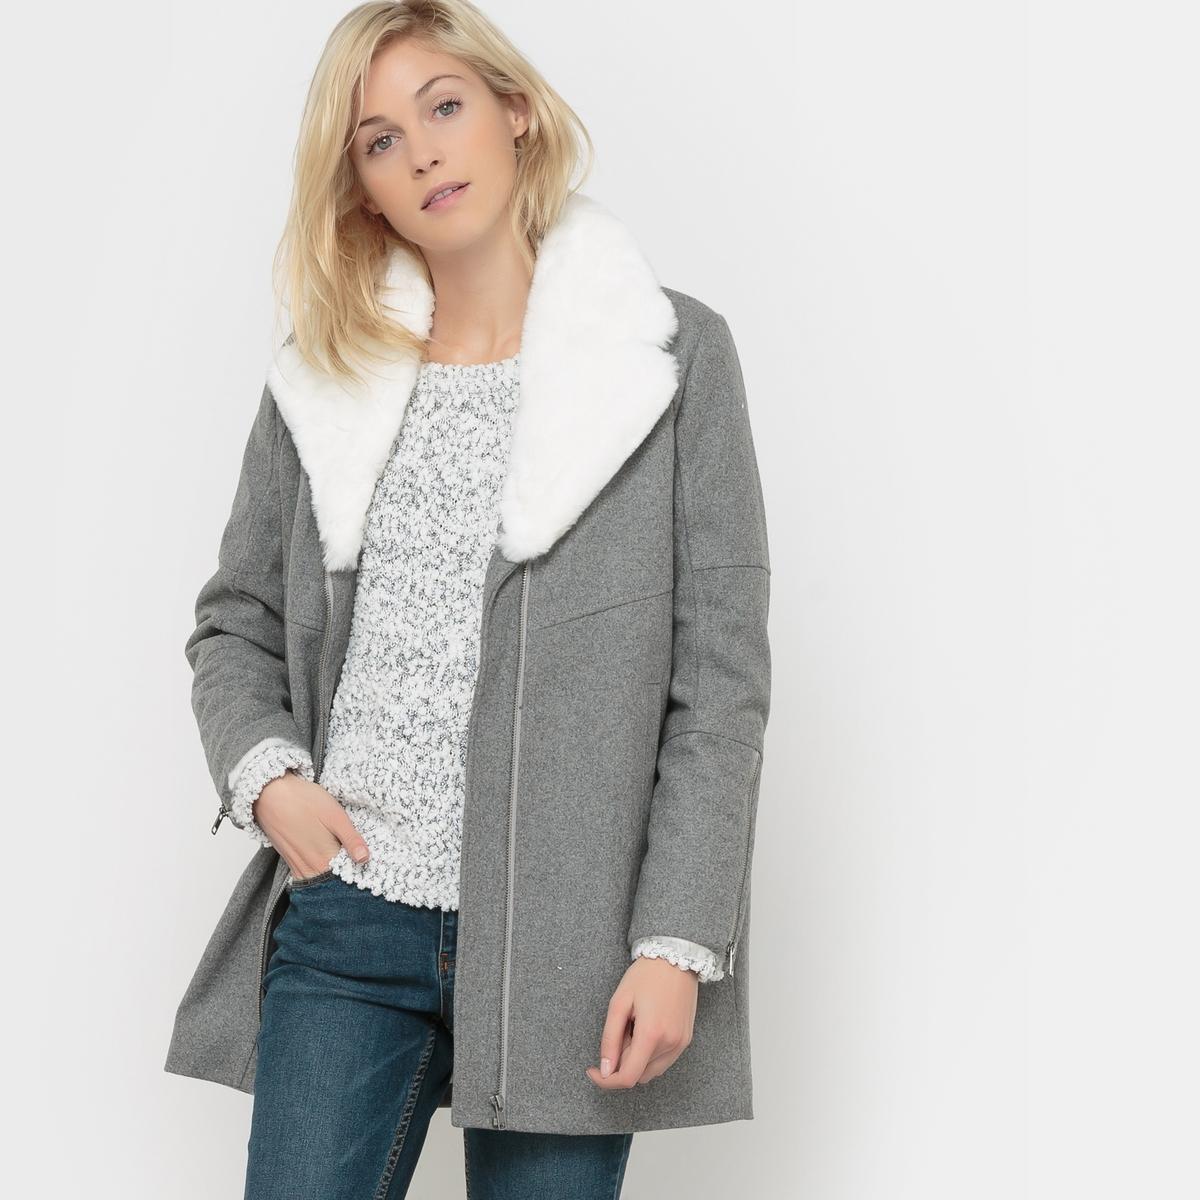 Пальто свободного покроя CAZALСостав &amp; Детали          Материал: 50% шерсти, 50% полиэстераМарка: KAPORAL                                 Уход           Следуйте рекомендациям по уходу, указанным на этикетке изделия.<br><br>Цвет: серый меланж<br>Размер: L